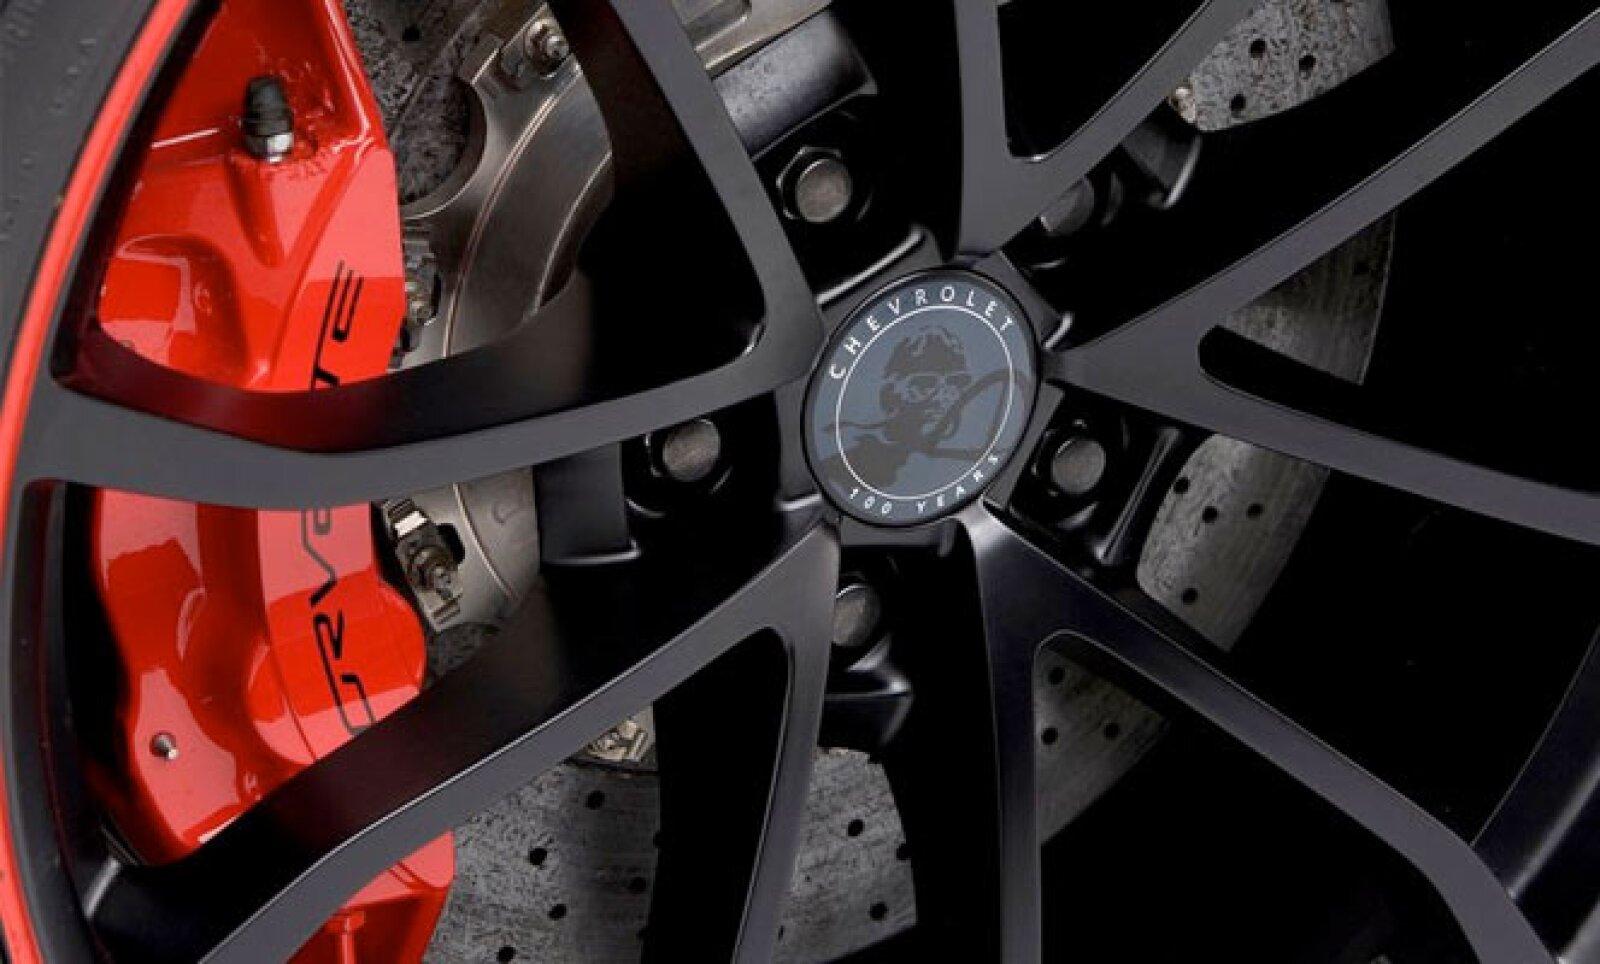 El único color con el que se comercializará el modelo será el negro satinado, con detalles rojos en los rines.